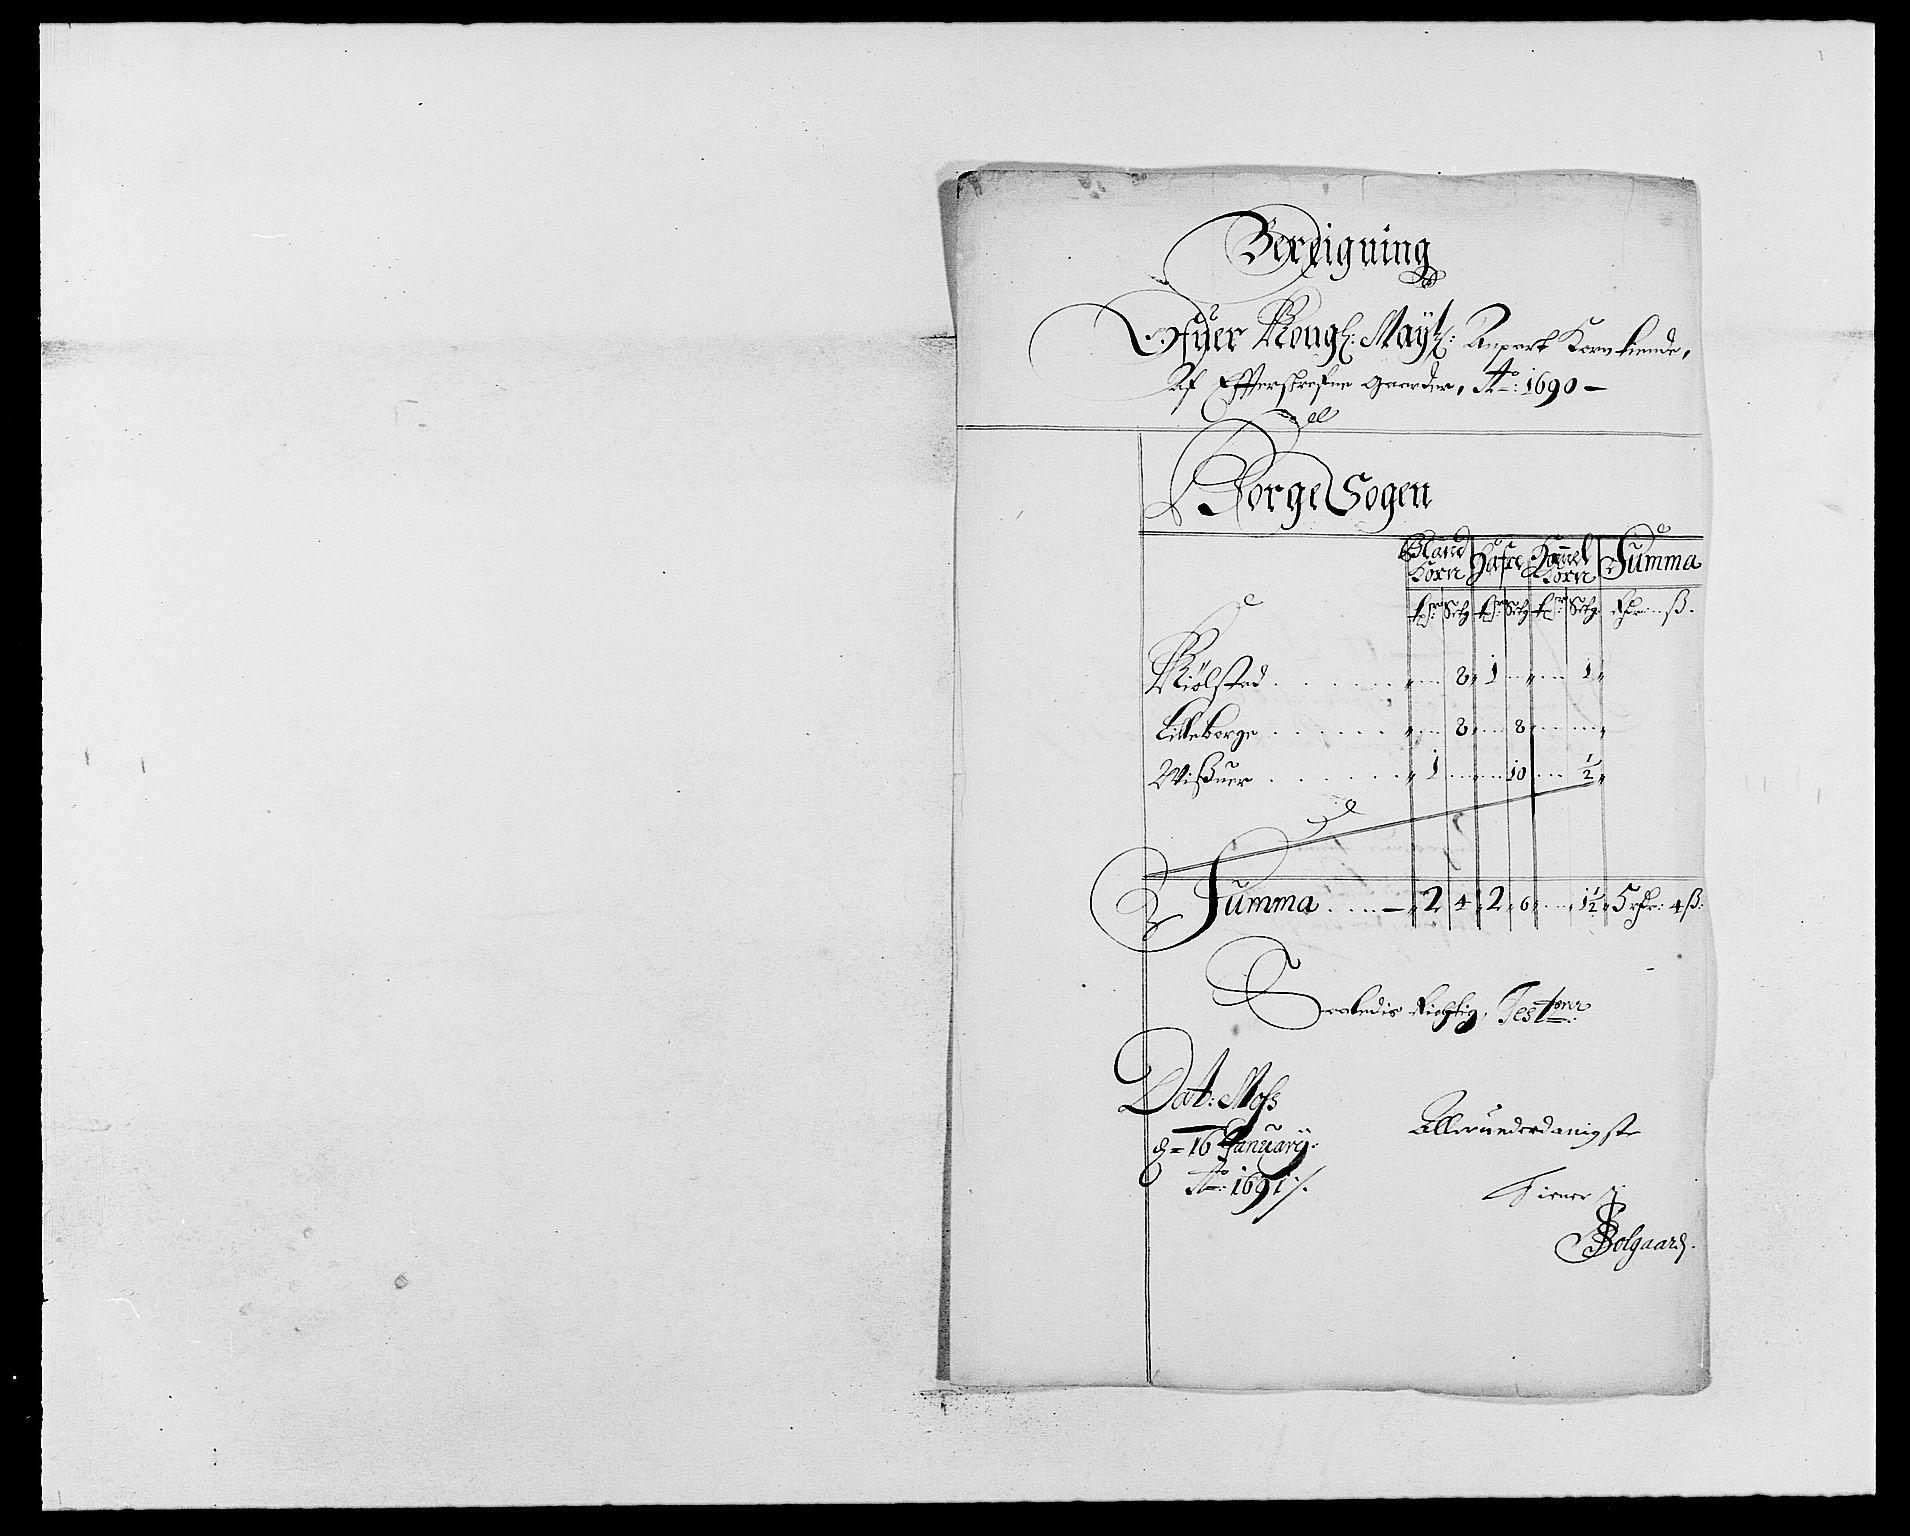 RA, Rentekammeret inntil 1814, Reviderte regnskaper, Fogderegnskap, R03/L0119: Fogderegnskap Onsøy, Tune, Veme og Åbygge fogderi, 1690-1691, s. 115